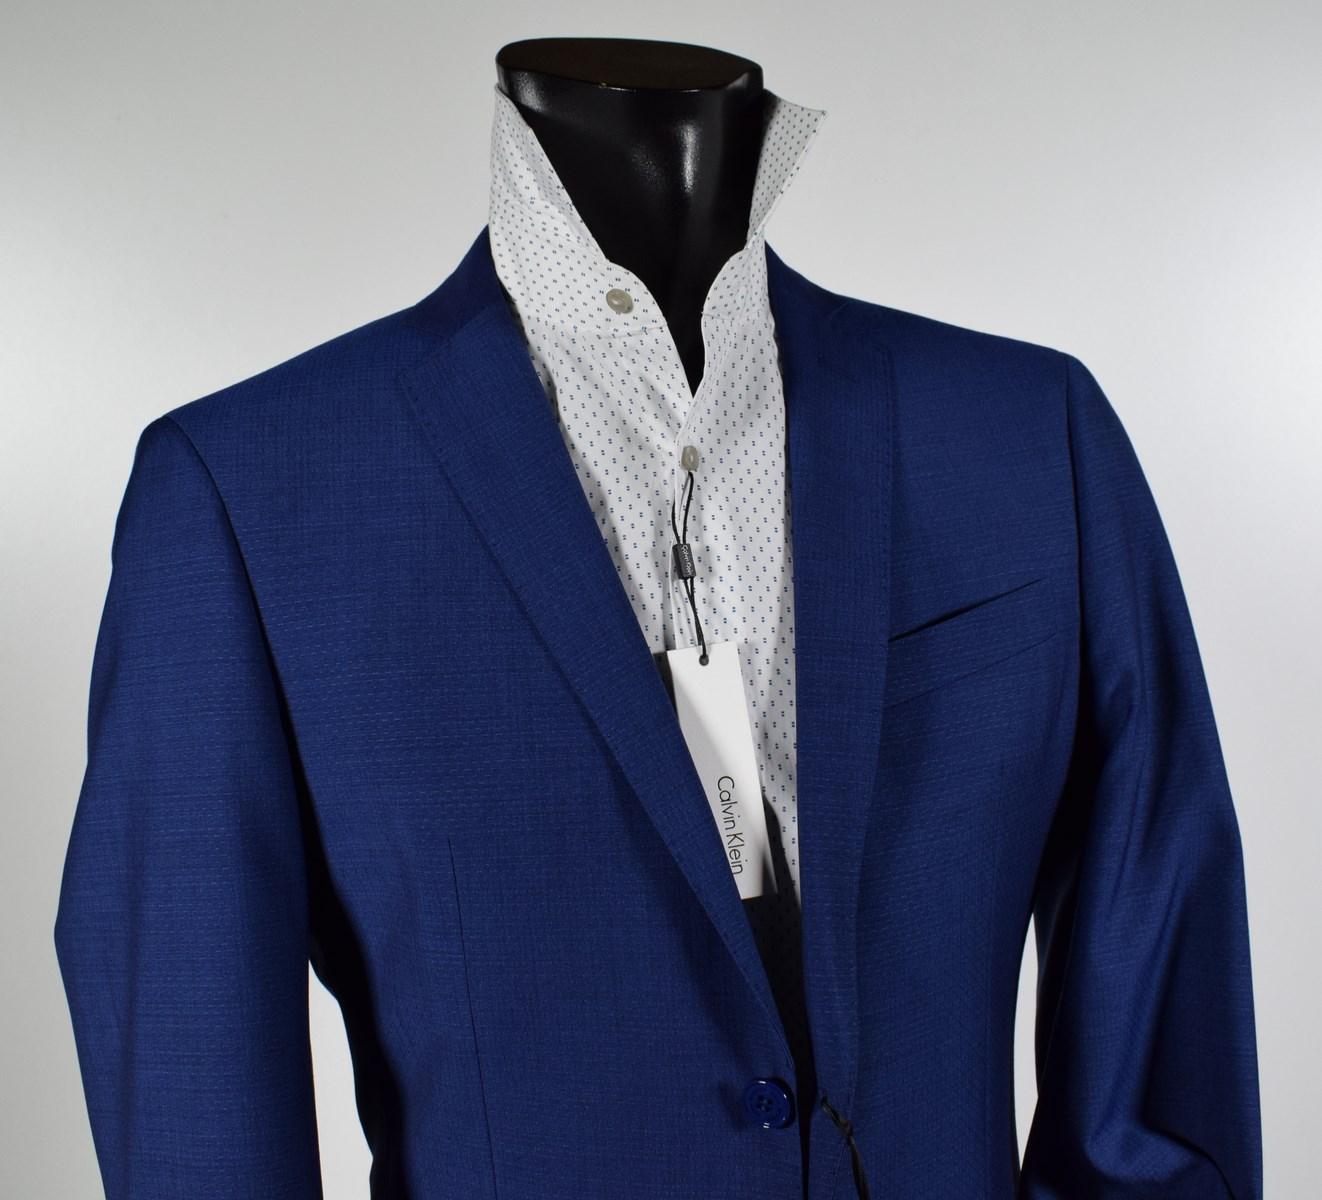 watch def1c 17a77 Dettagli su Abito moda uomo John Barritt Slim Fit Blu Marine micro disegno  Collezione 2019